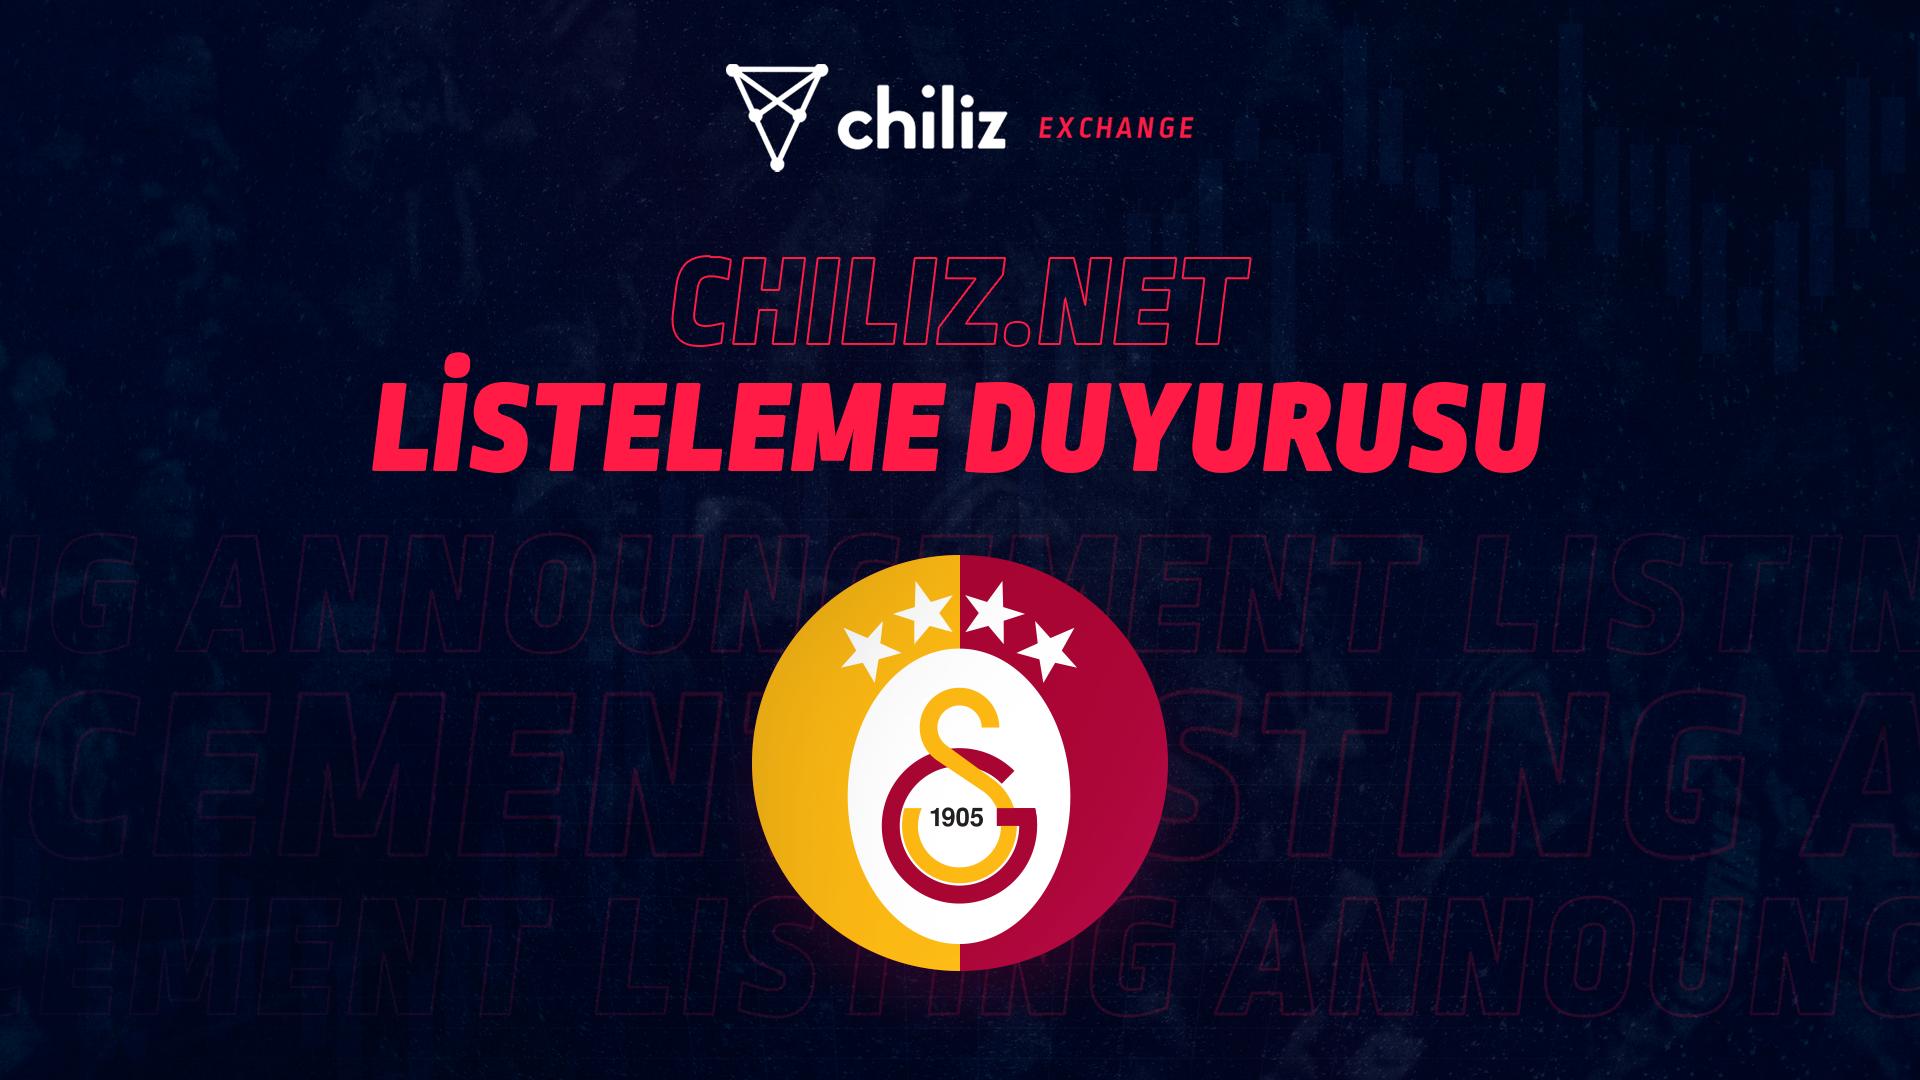 Galatasaray Taraftar Tokeni GAL Chiliz CHZ